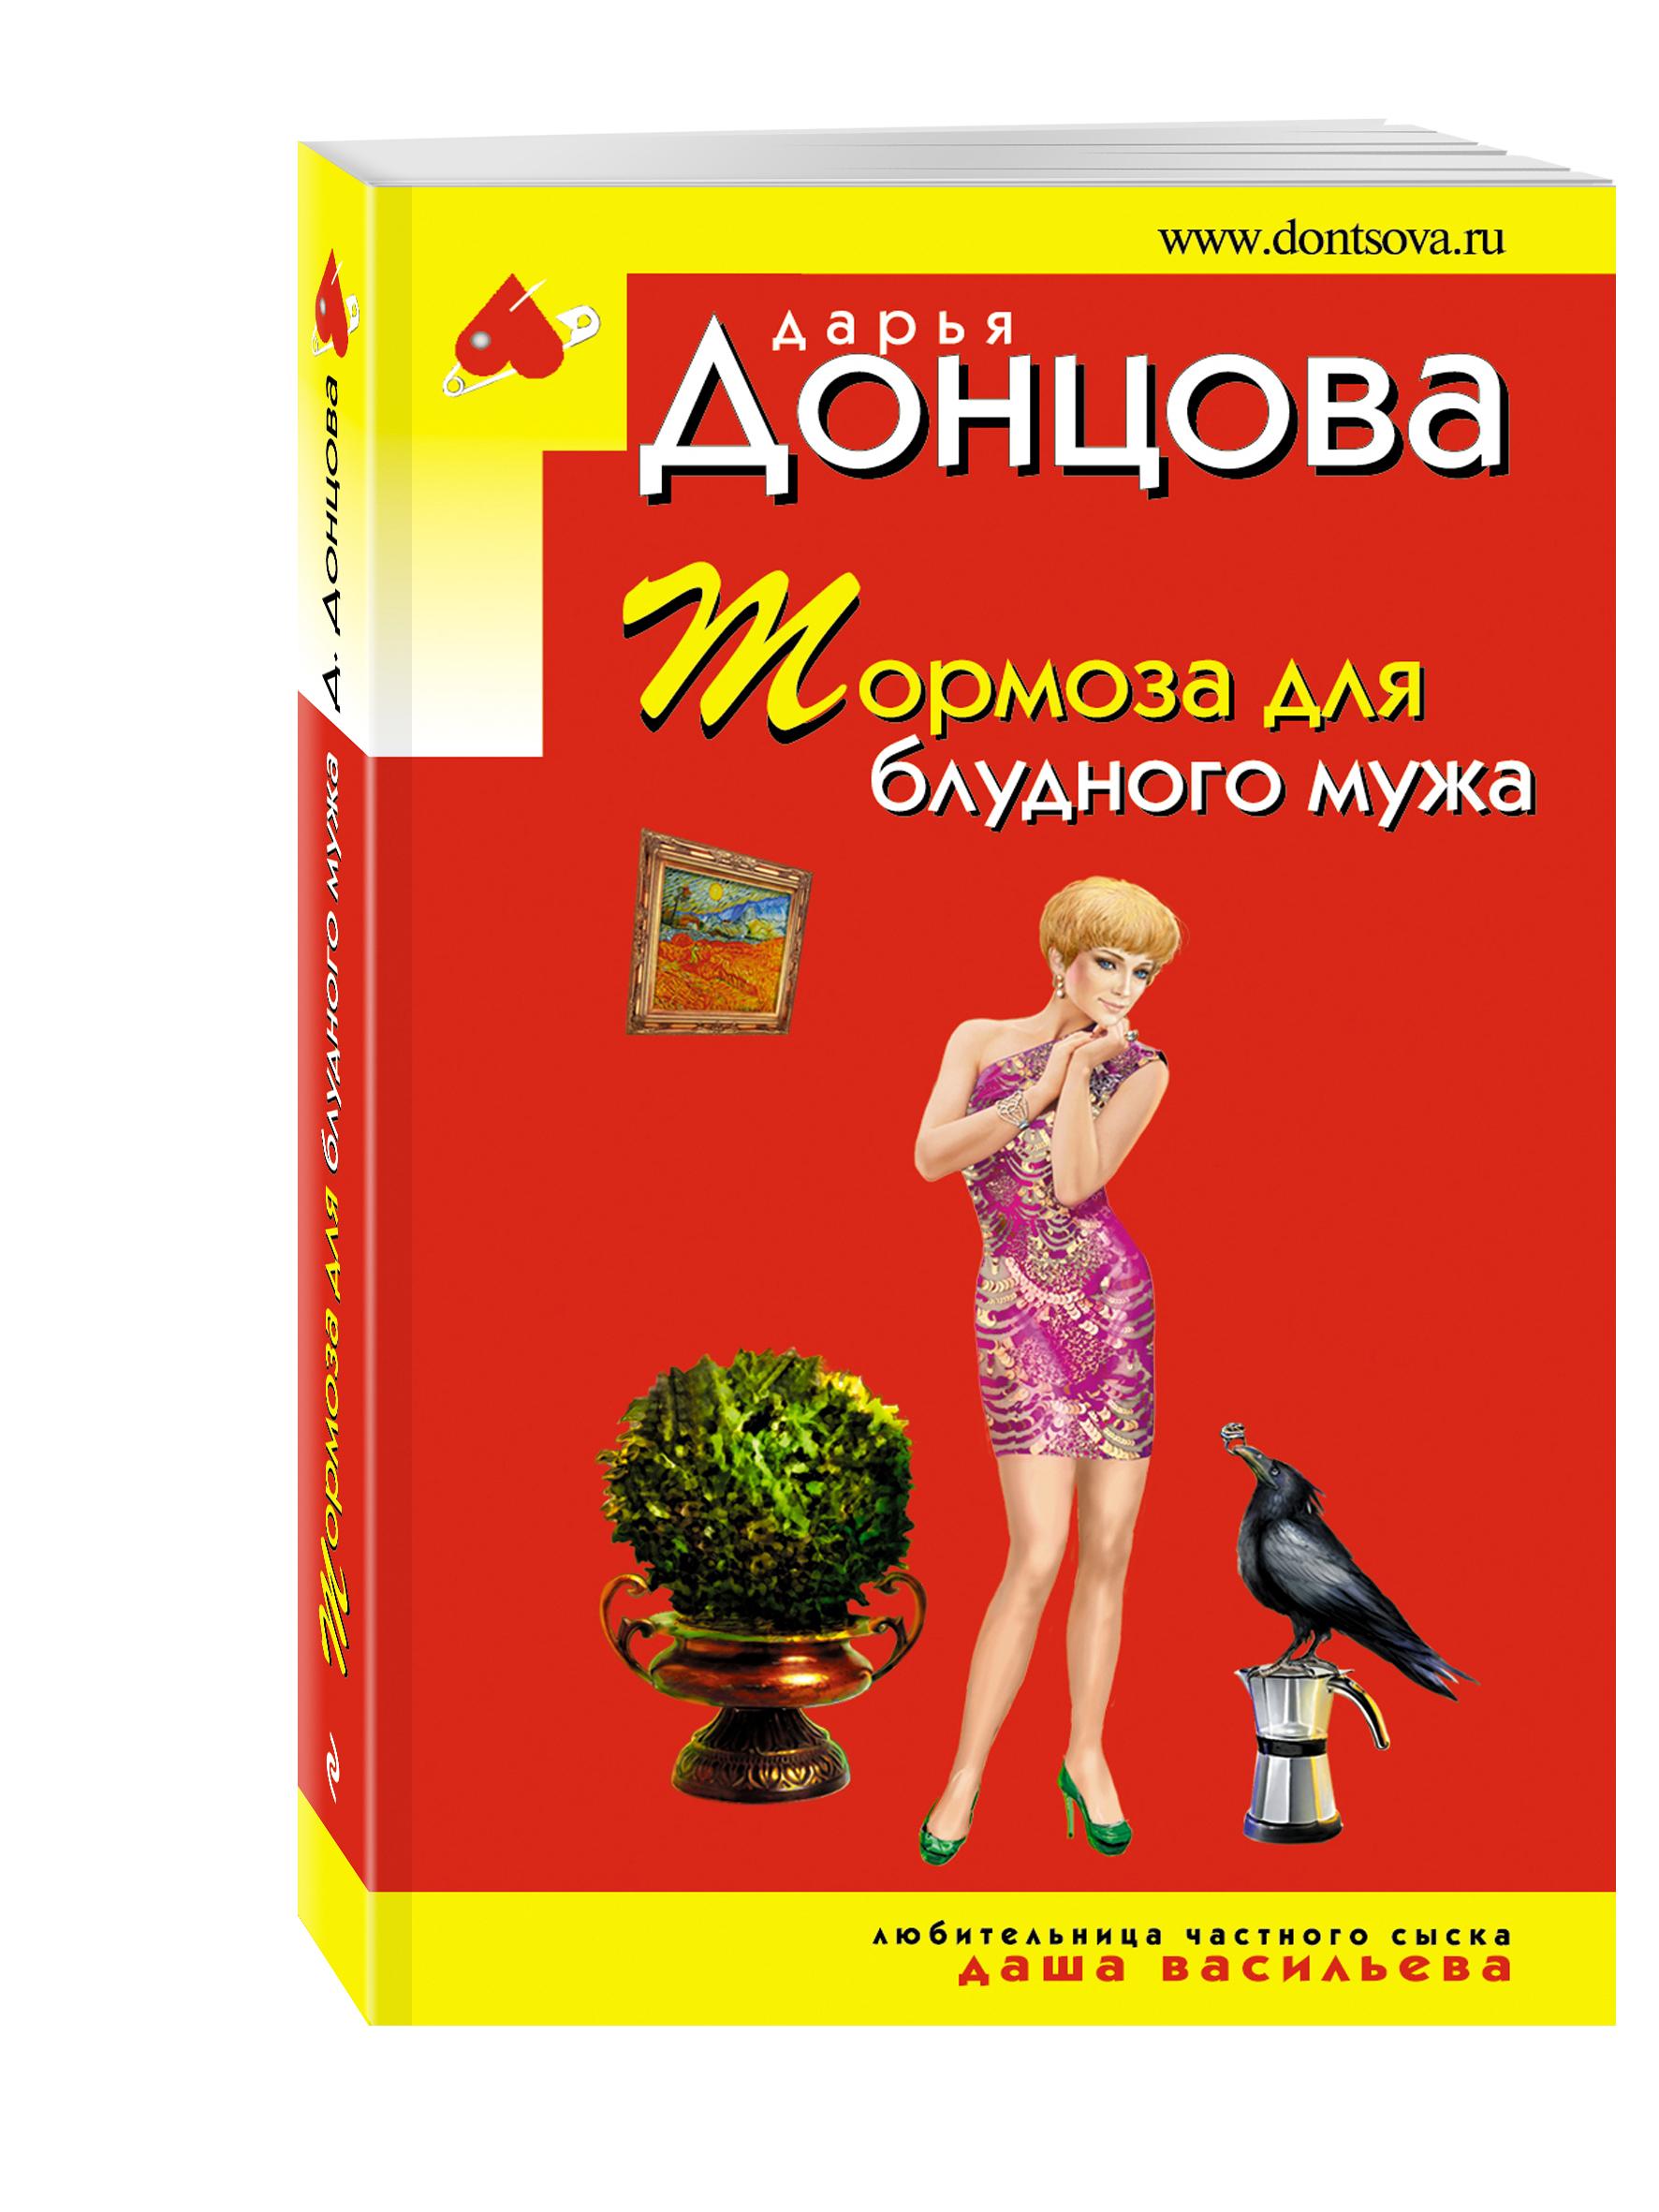 Донцова Д.А. Тормоза для блудного мужа купить бизнес в сша за 10000 долларов